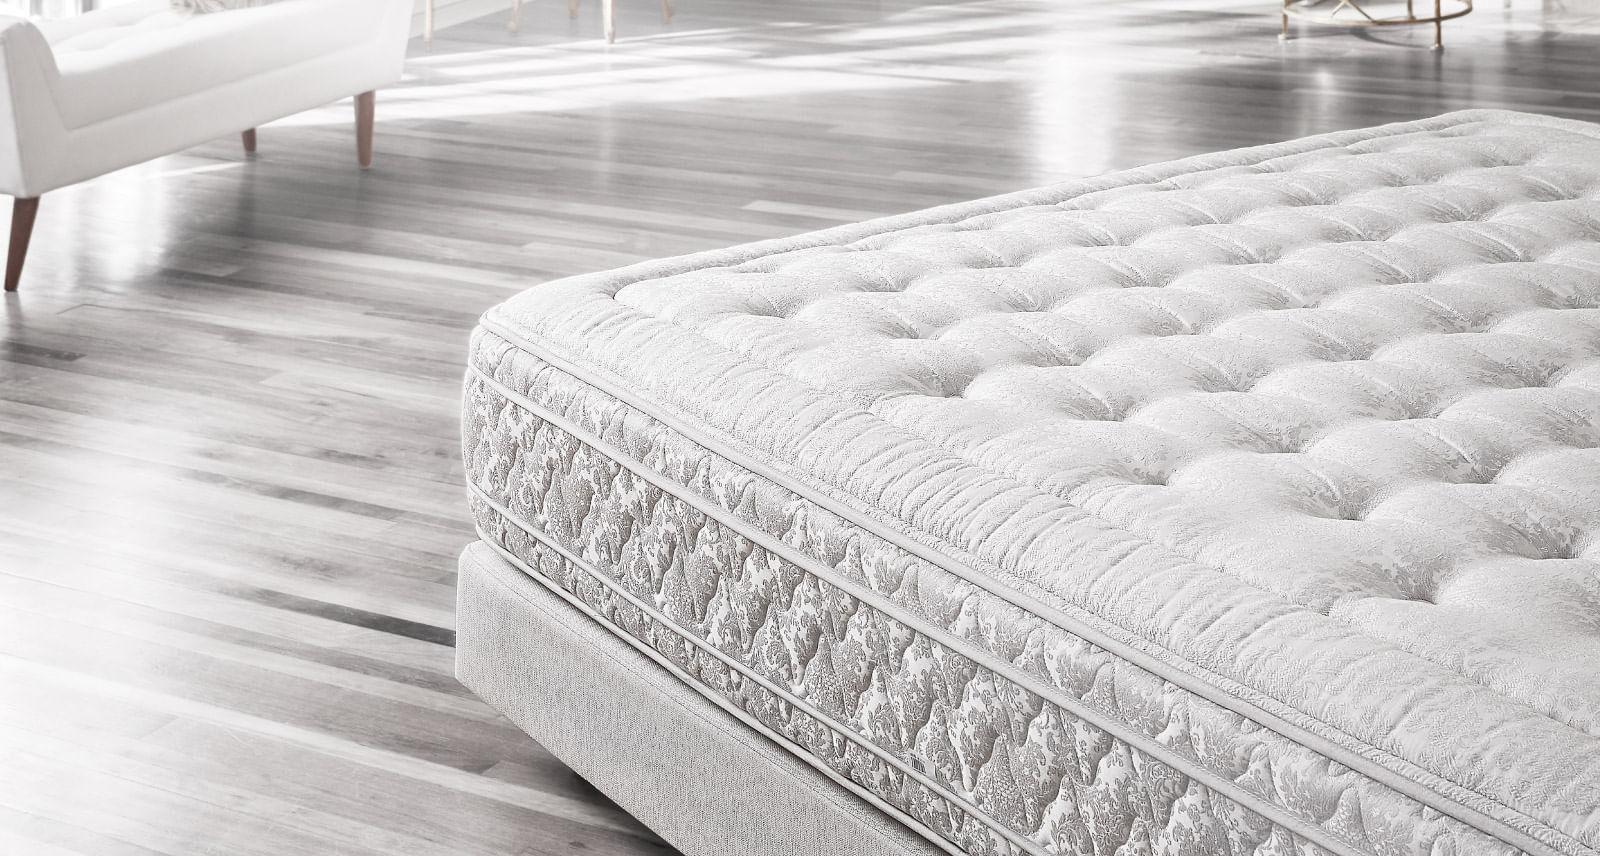 Dormitorio colchones muebles y m s rosen ar for Colchones rosen